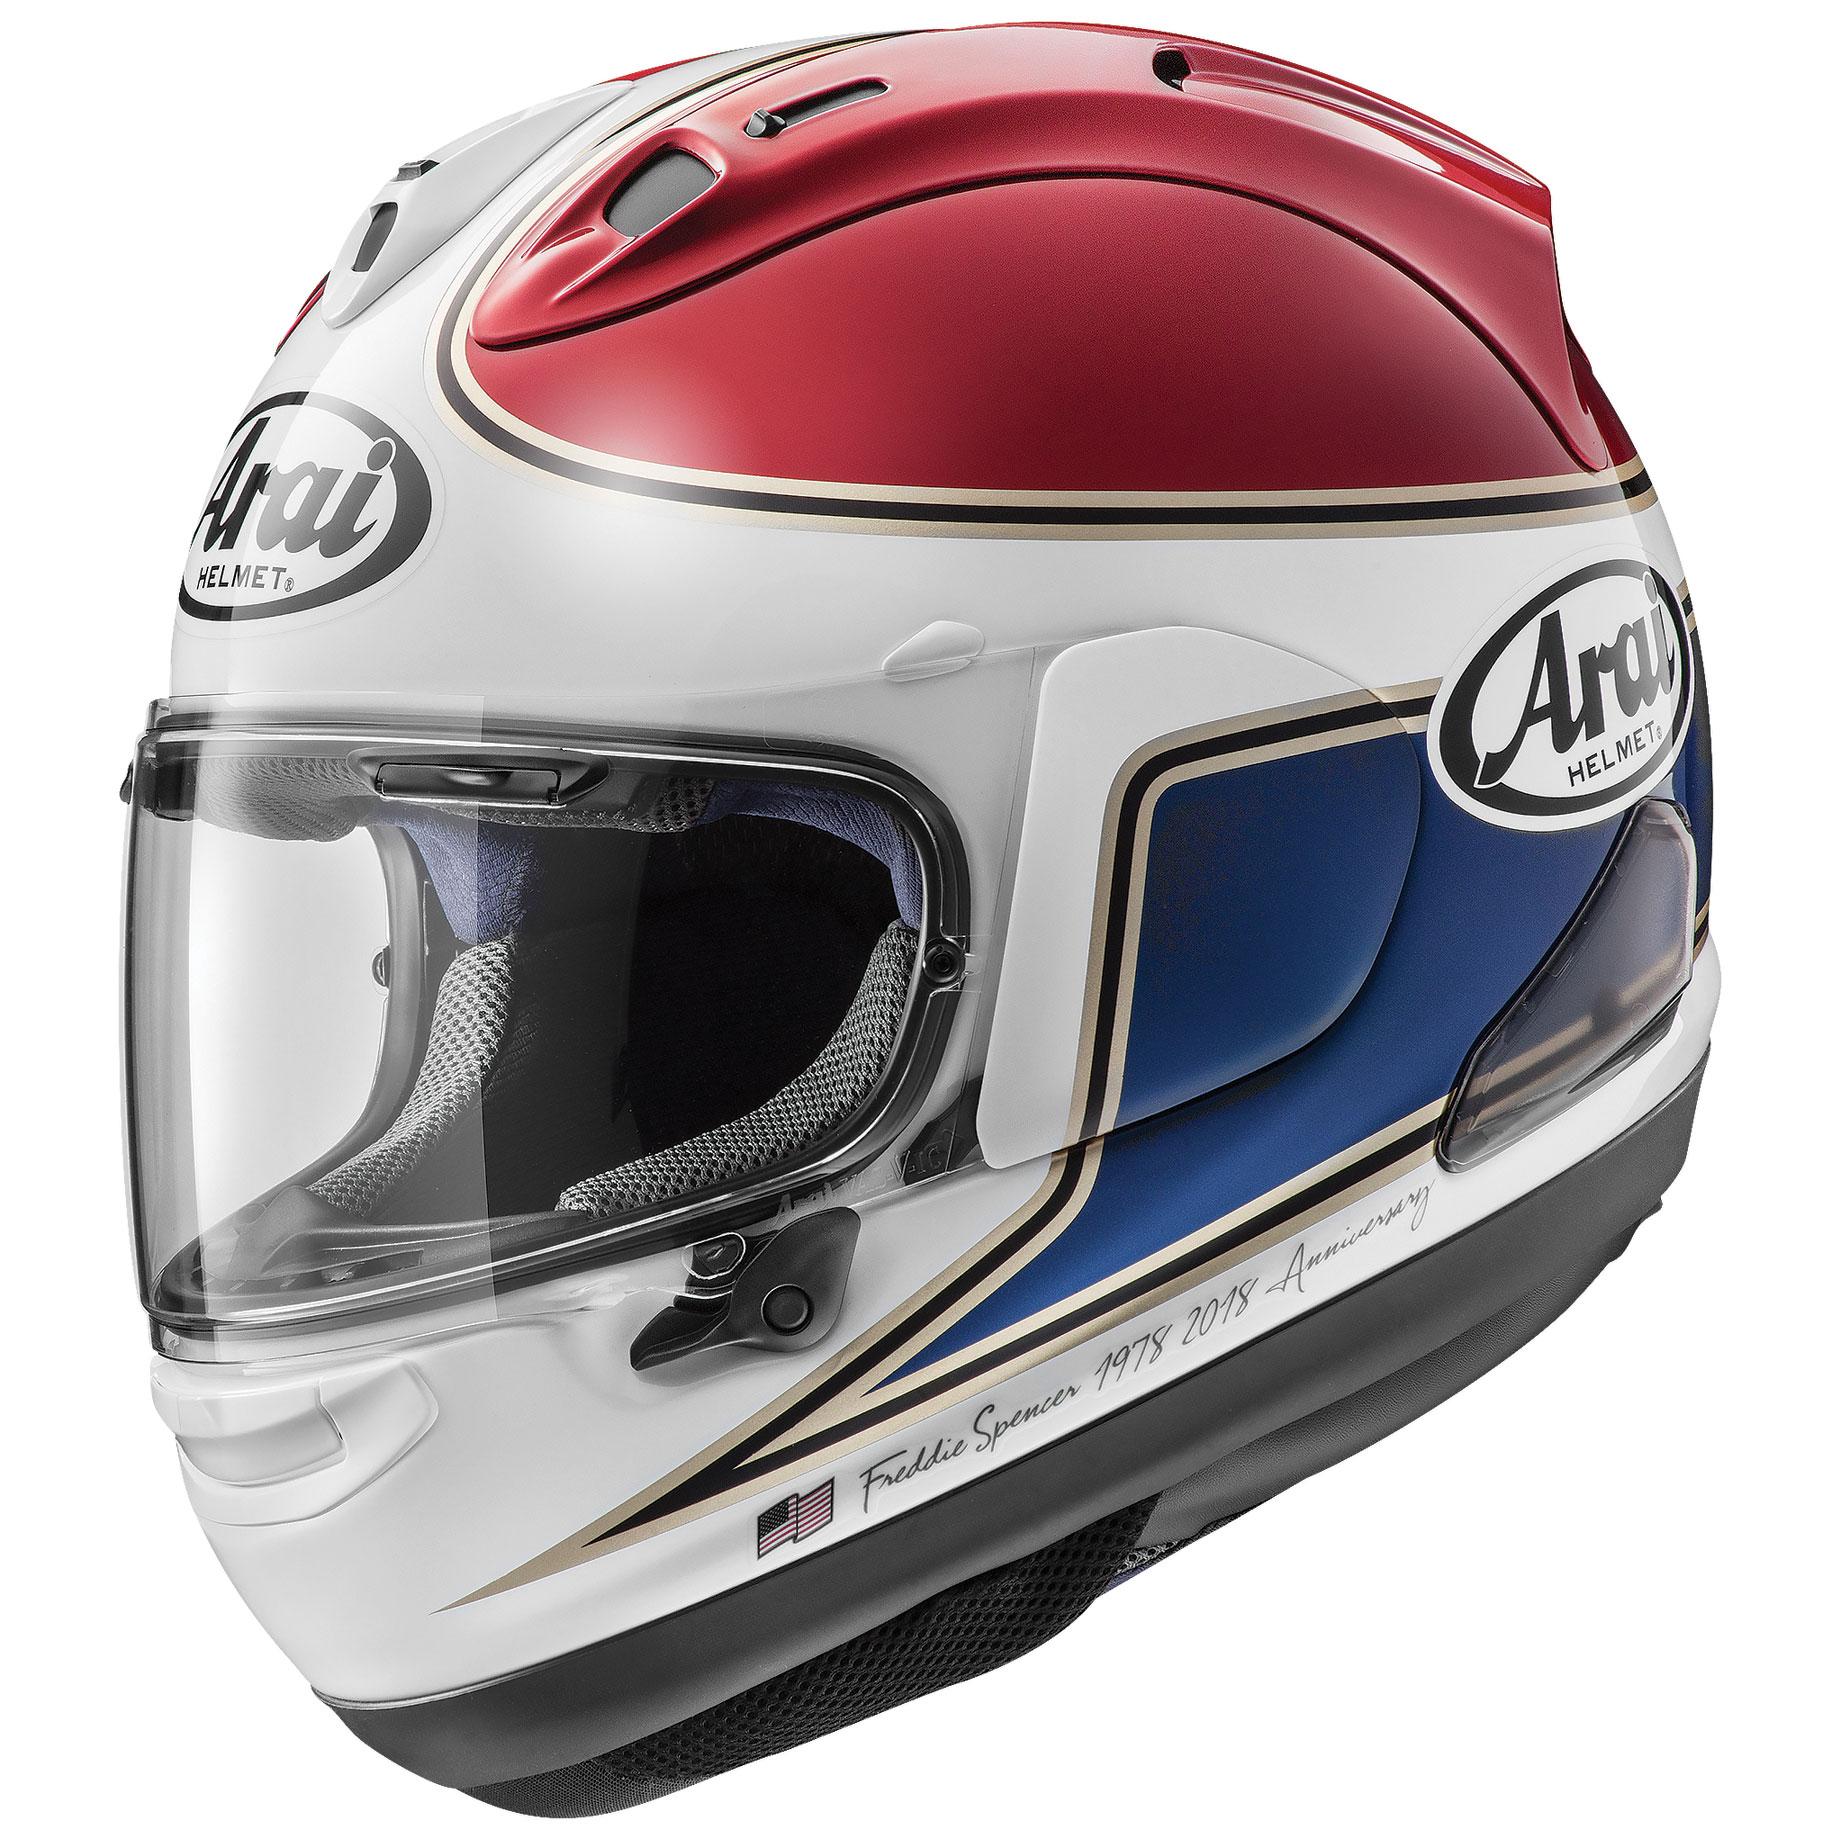 Arai Corsair-X Spencer 40 Red Full Face Helmet